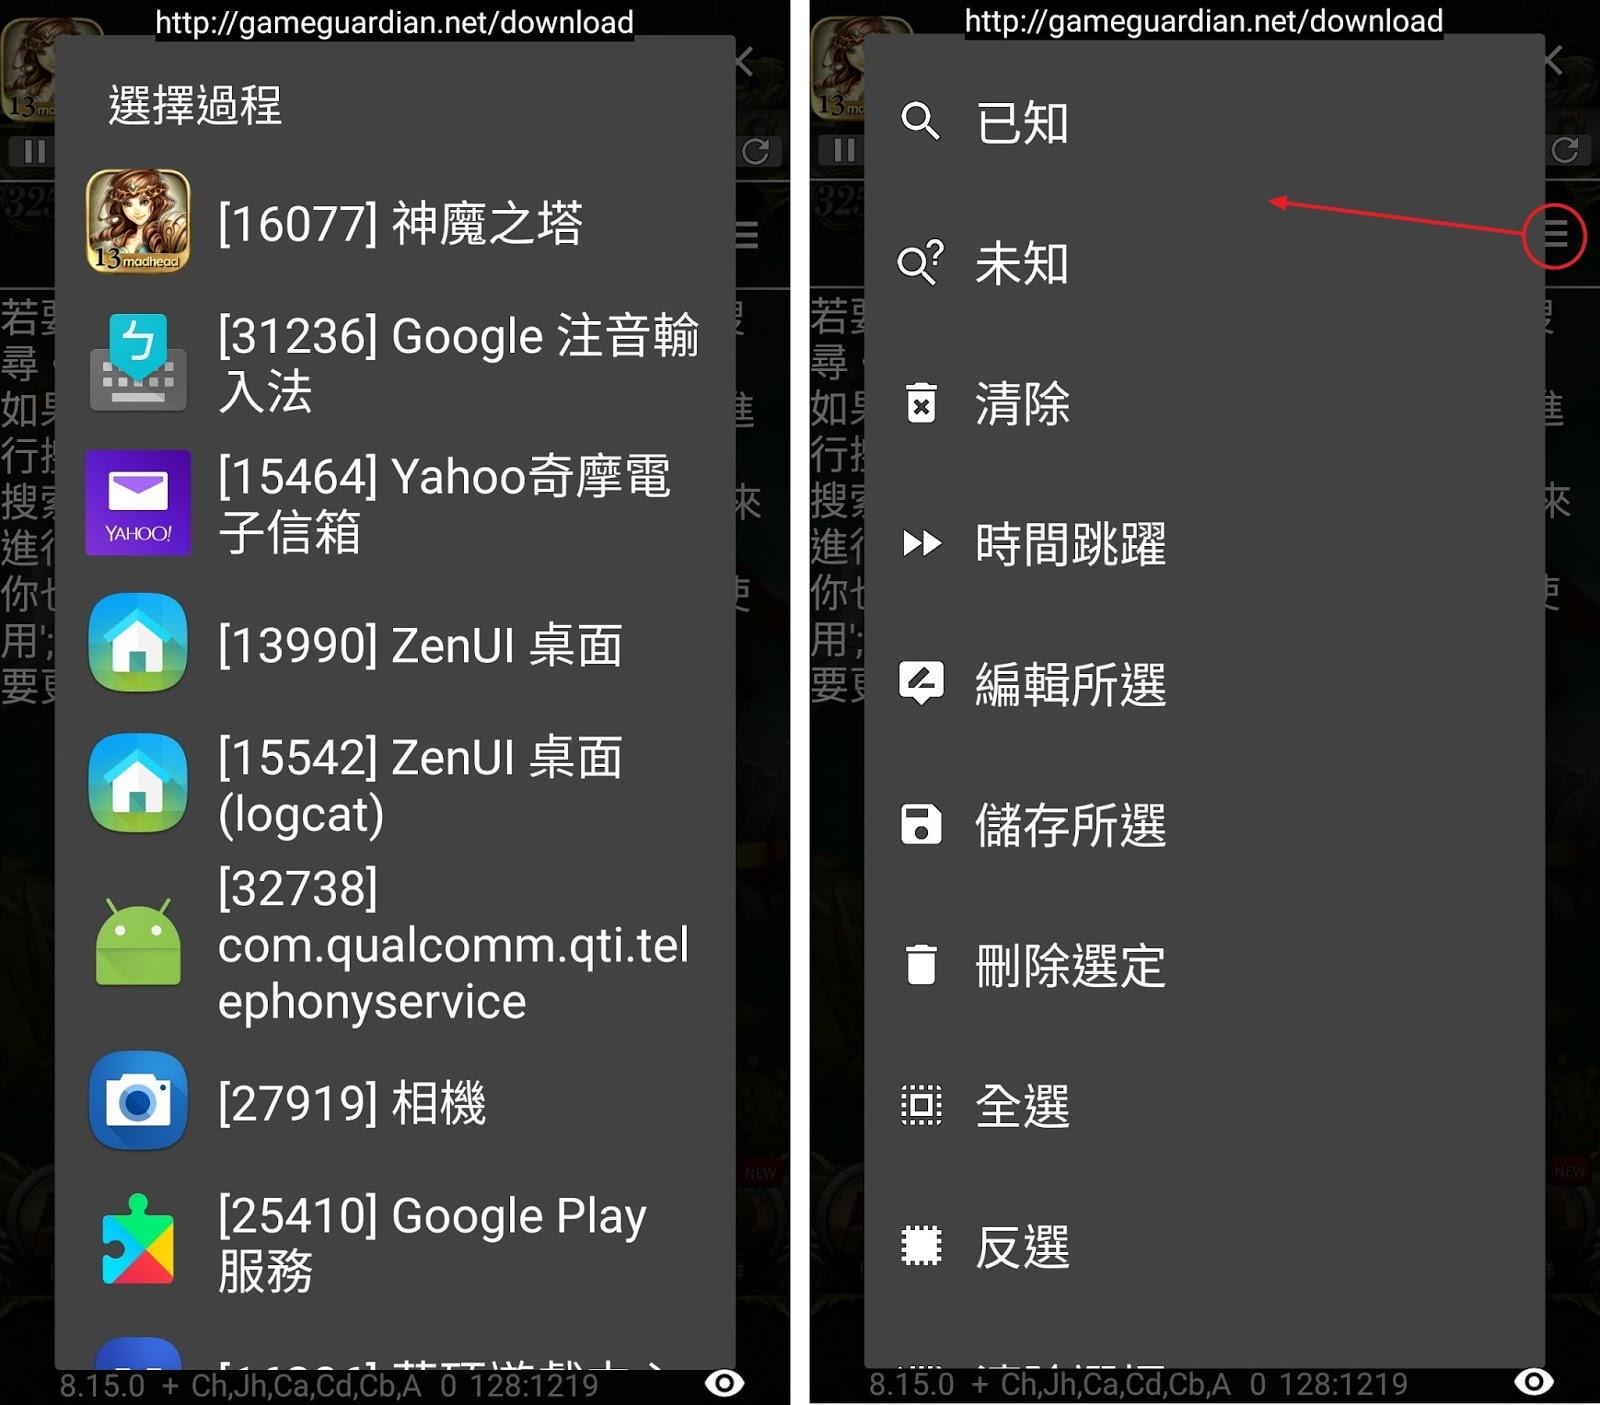 Screenshot 20170505 181316 - 《GameGuardian》最新手遊作弊修改器,還可當加速器、支援安卓6.0以上